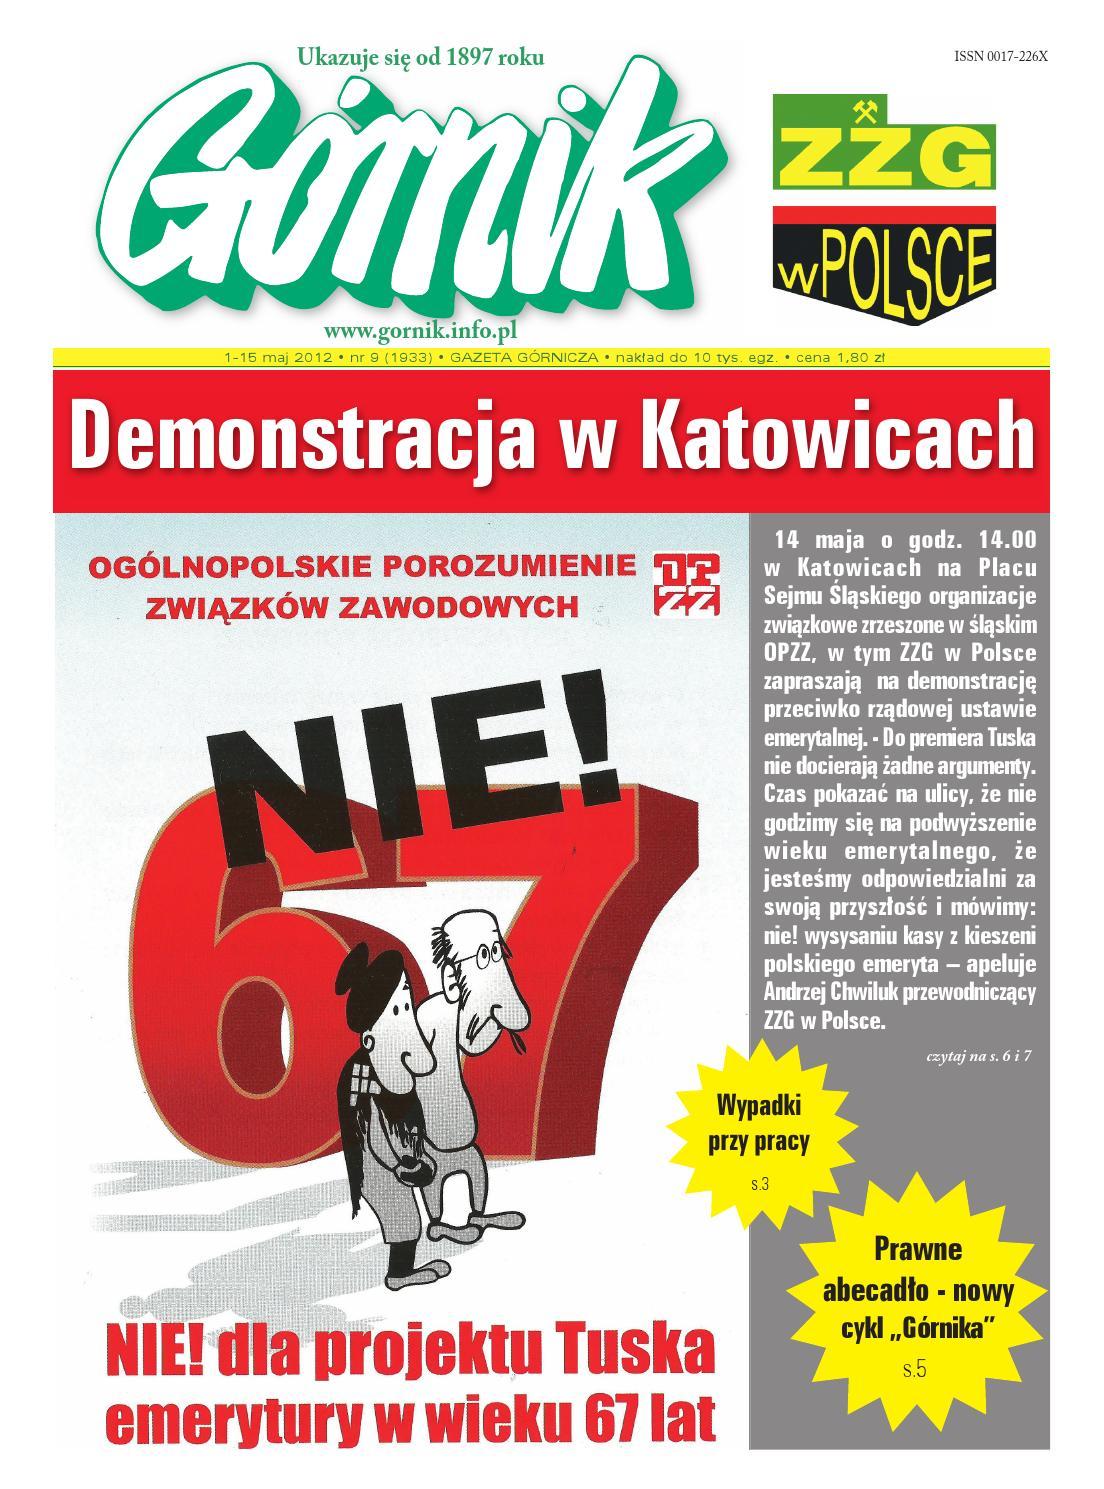 Gornik 9 2012 By Górnik Issuu